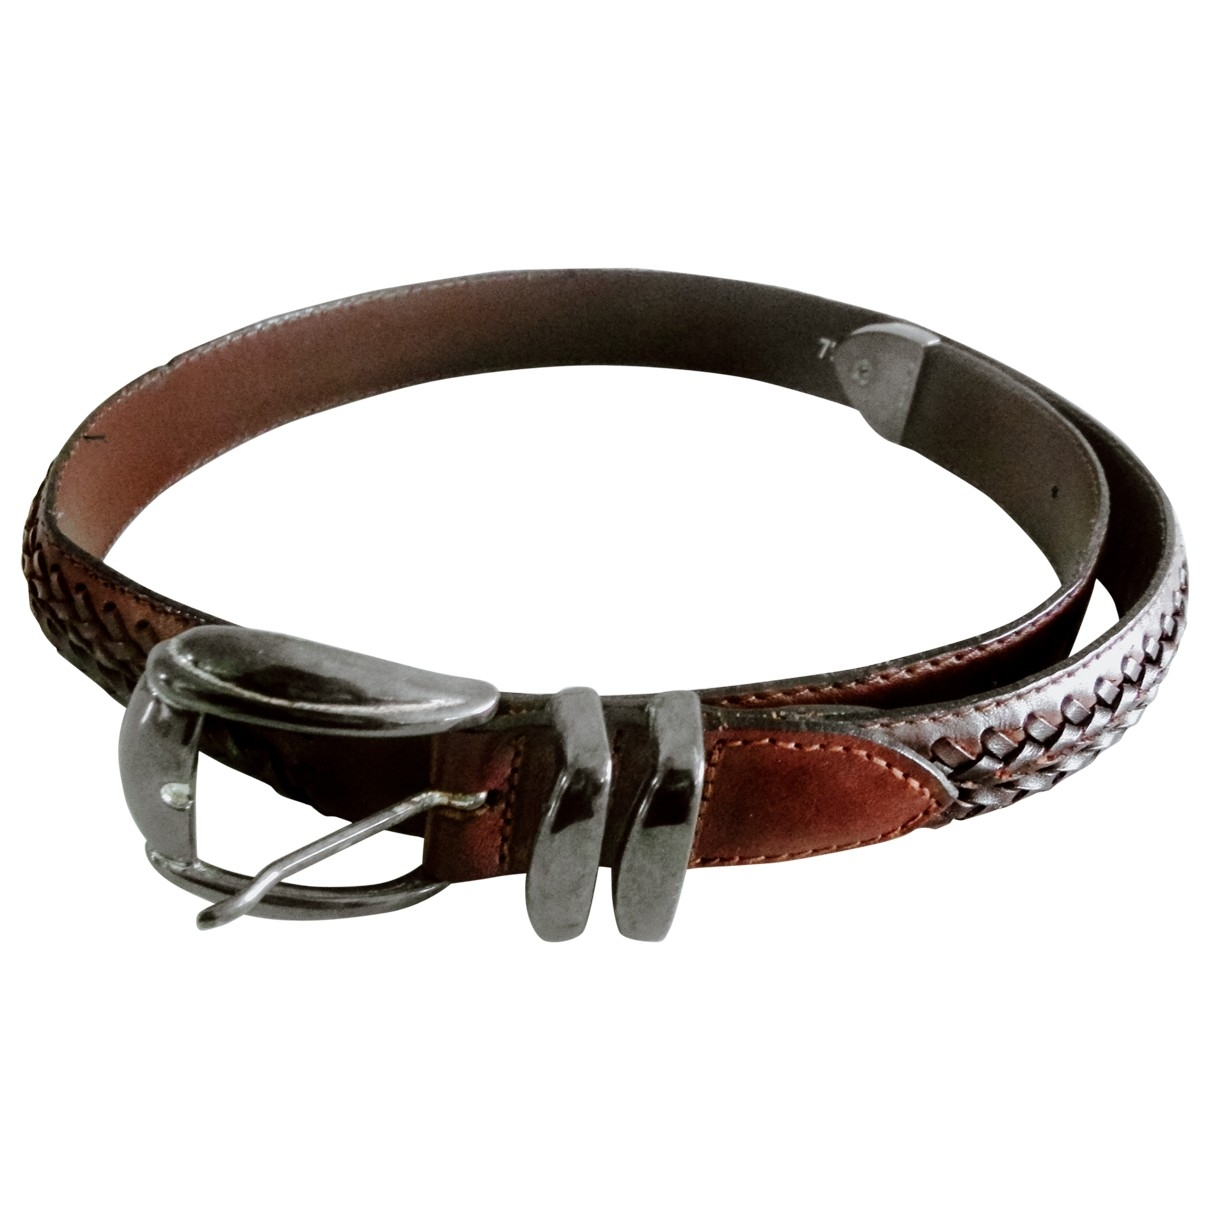 Cinturon de Cuero Abaco